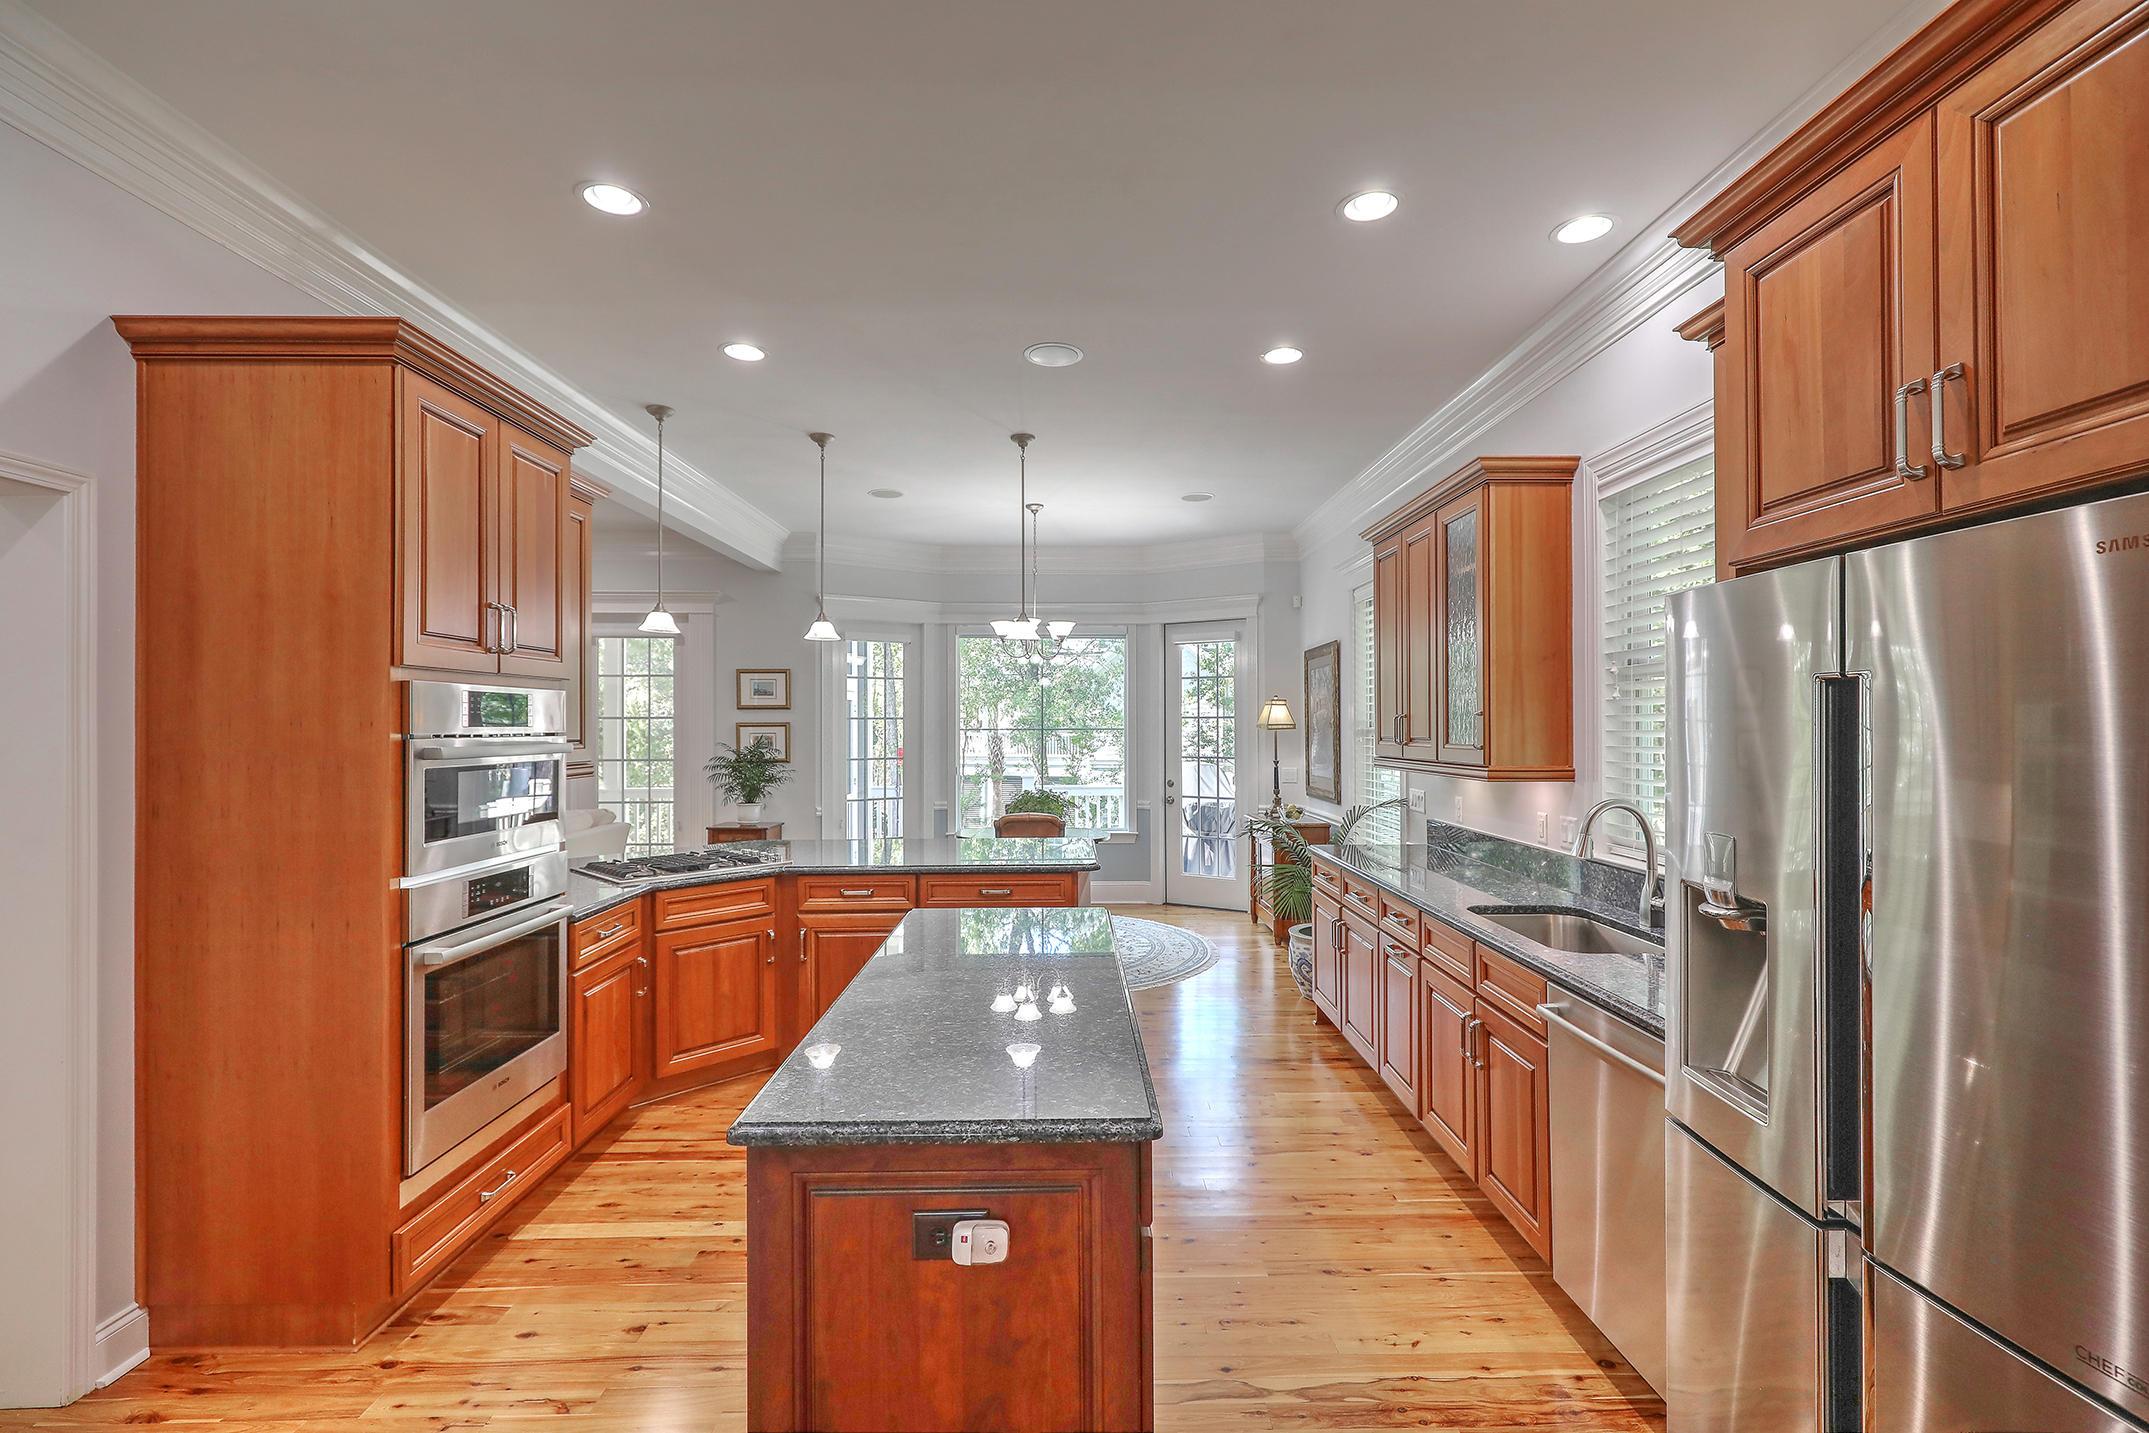 Park West Homes For Sale - 2108 Malcolm, Mount Pleasant, SC - 20